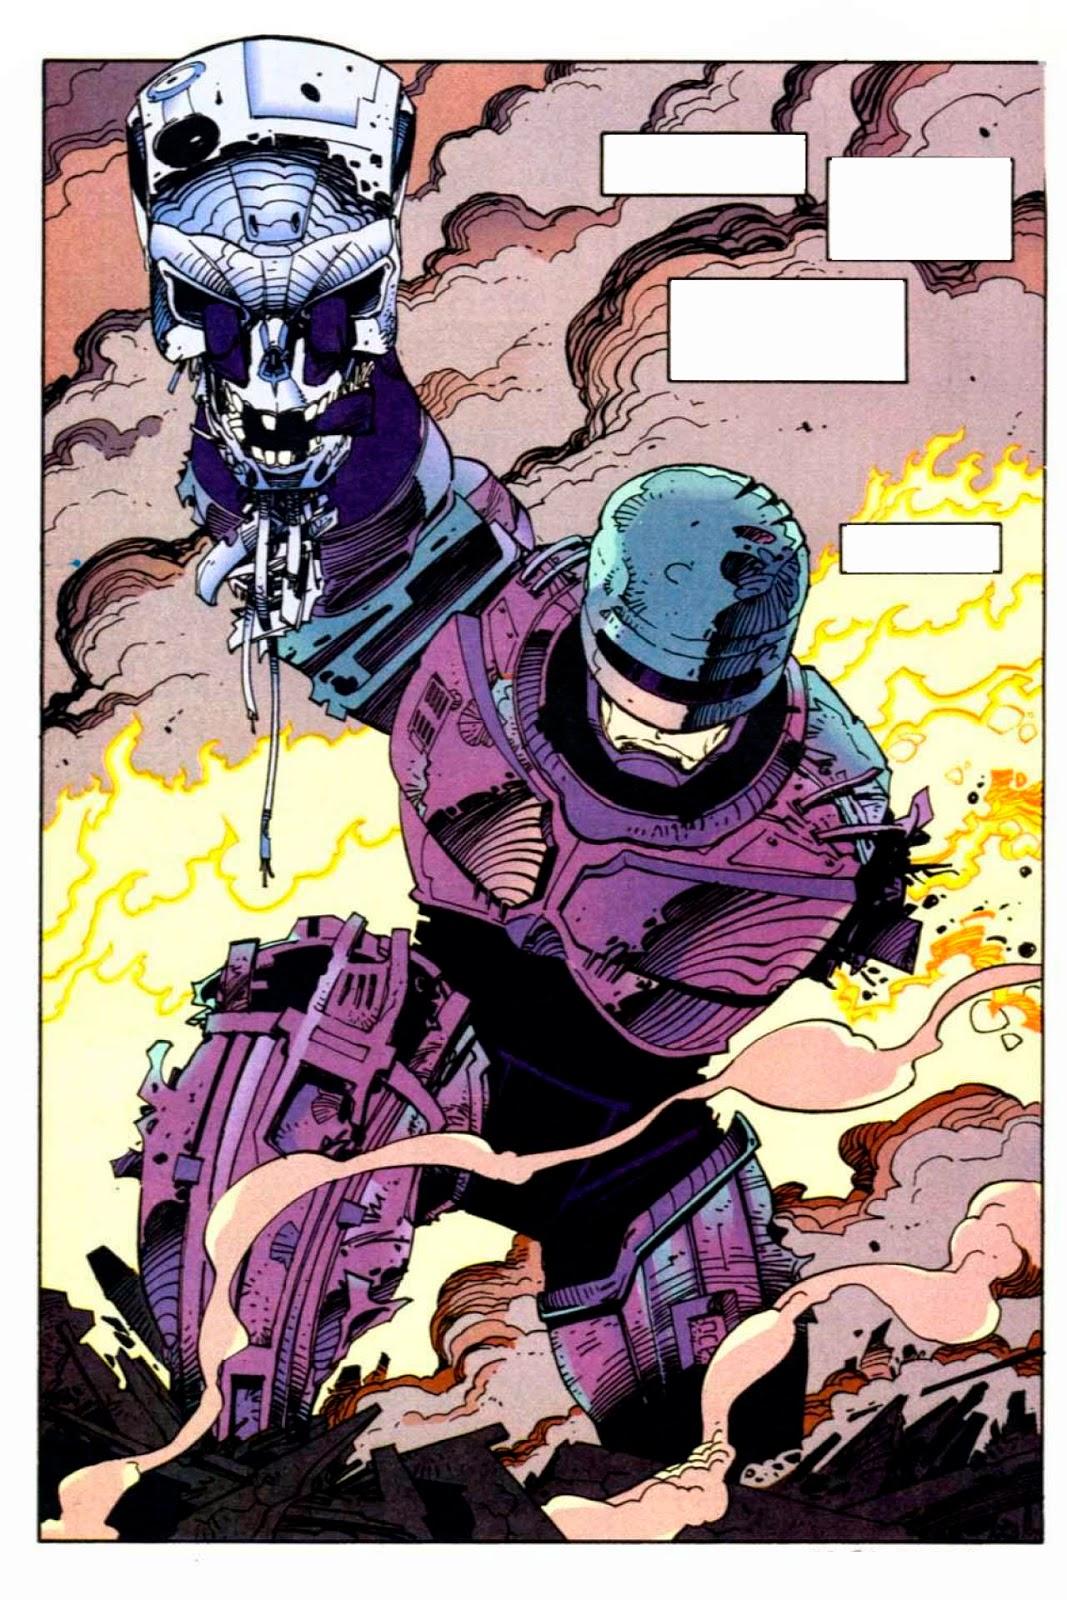 """Cómic: Reseña de """"Robocop Vs Terminator"""" [Aleta Ediciones]."""